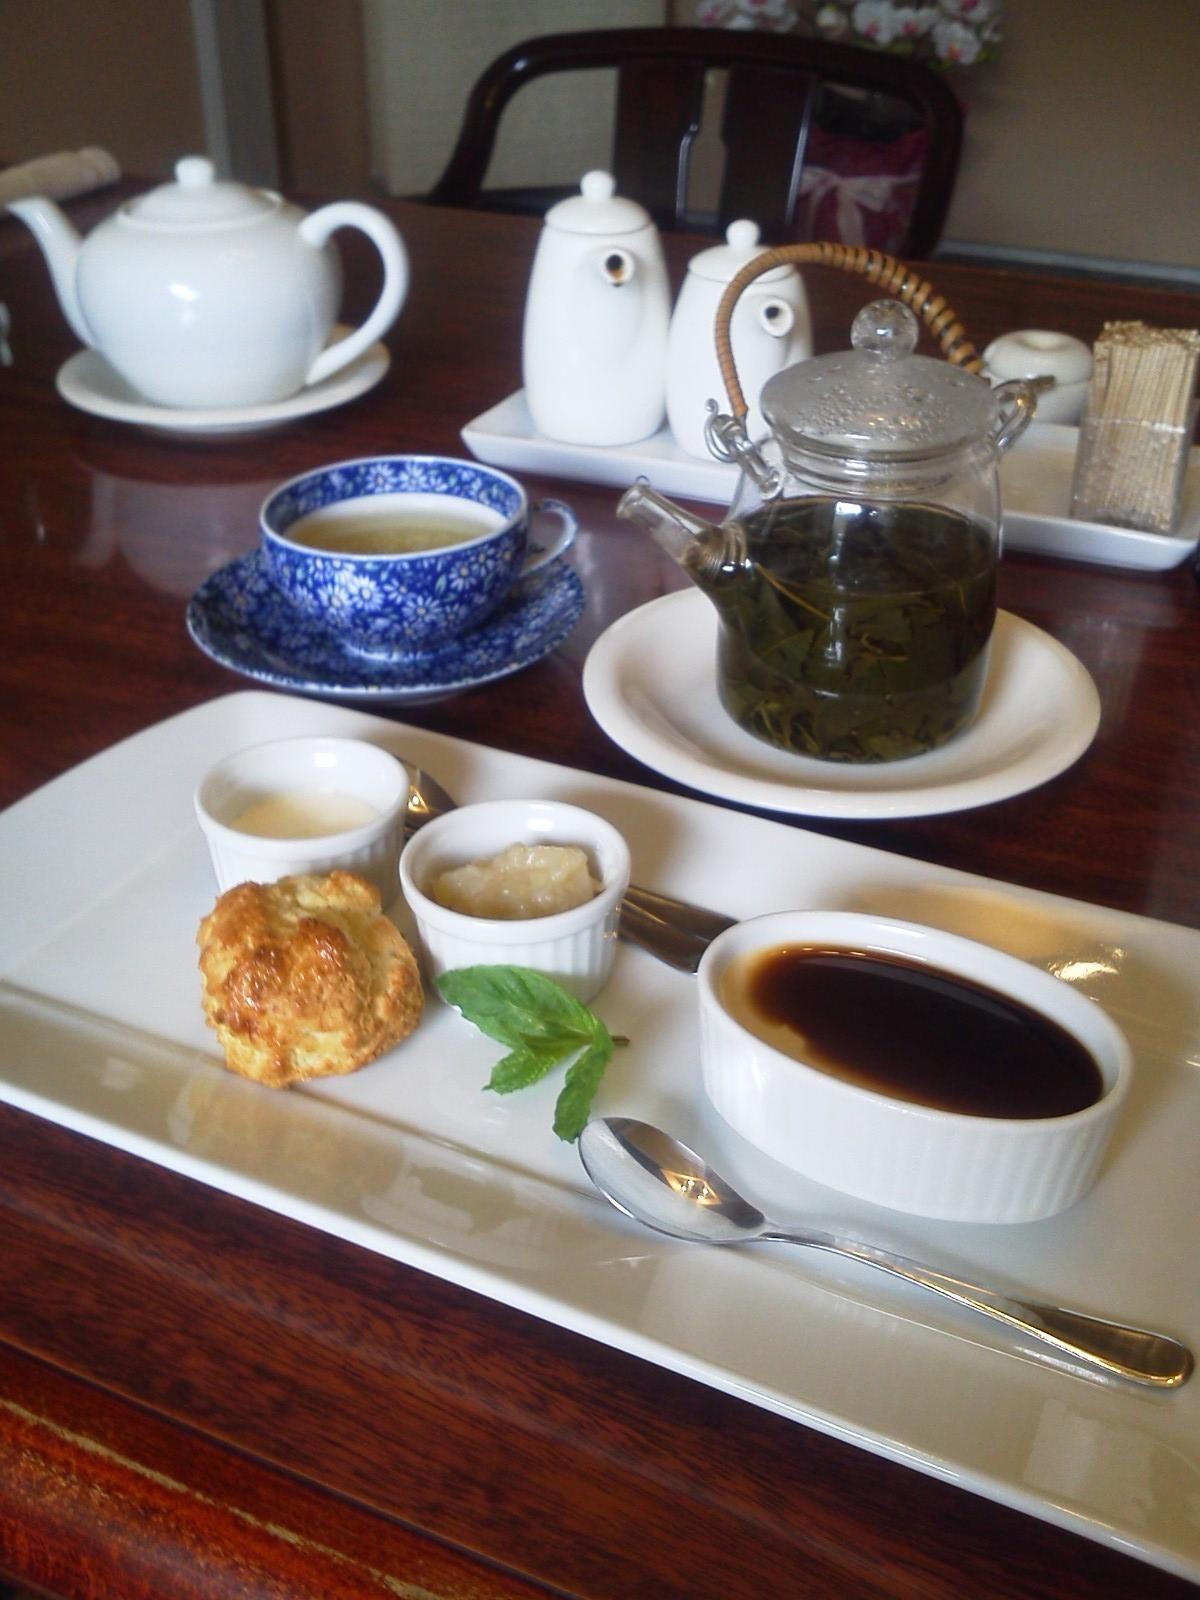 関越道・月夜野ICからほど近い「銀の月」。カツはもちろん、デザートお茶まで感動の味。